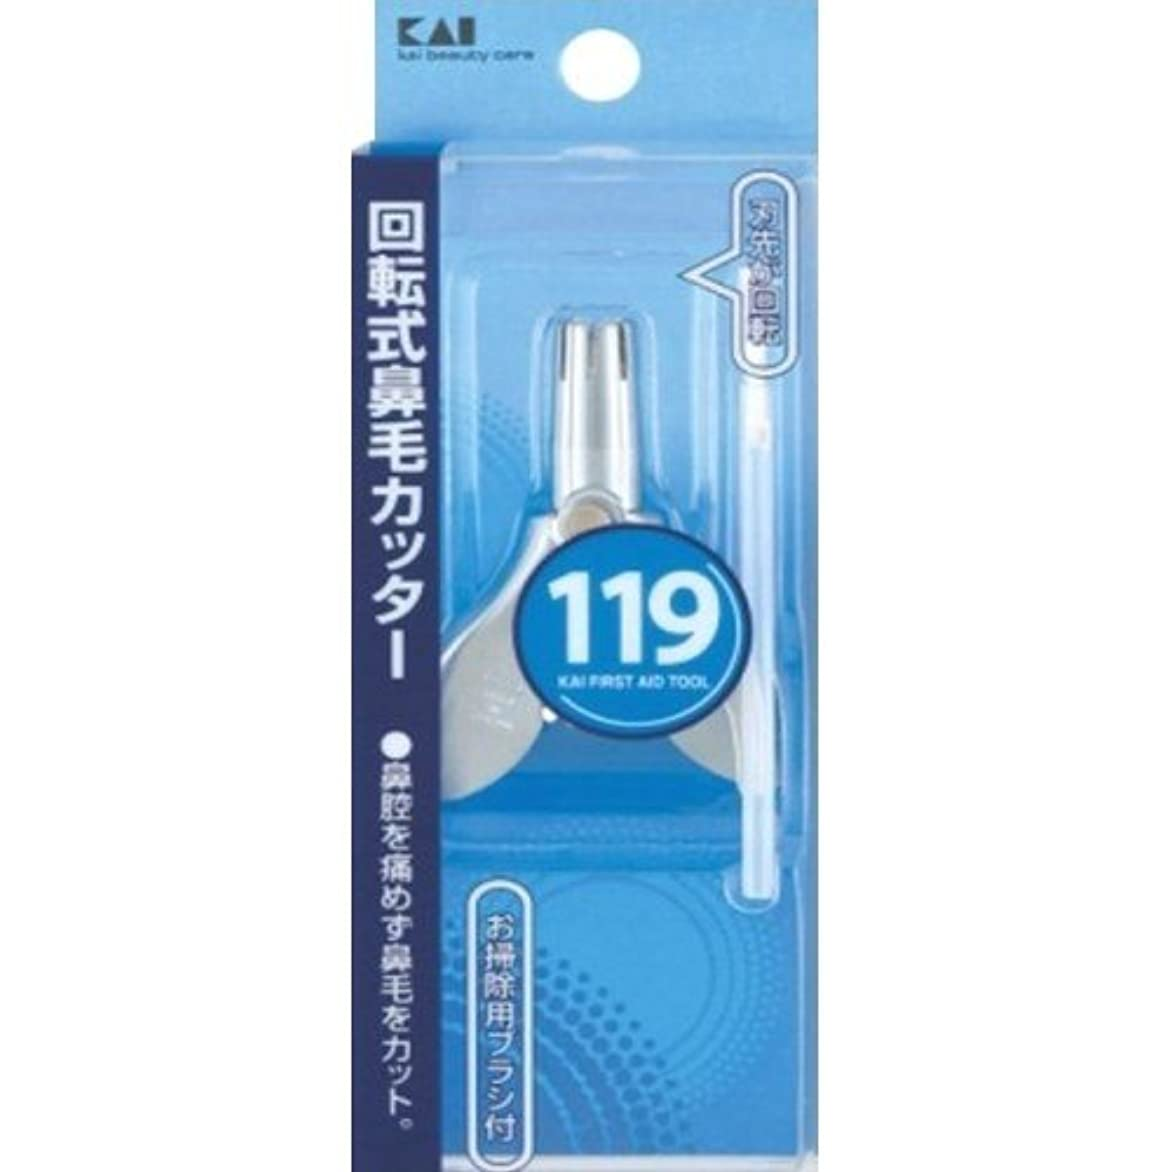 マイナス顔料抜本的な貝印 119 回転式鼻毛カッター KF1038